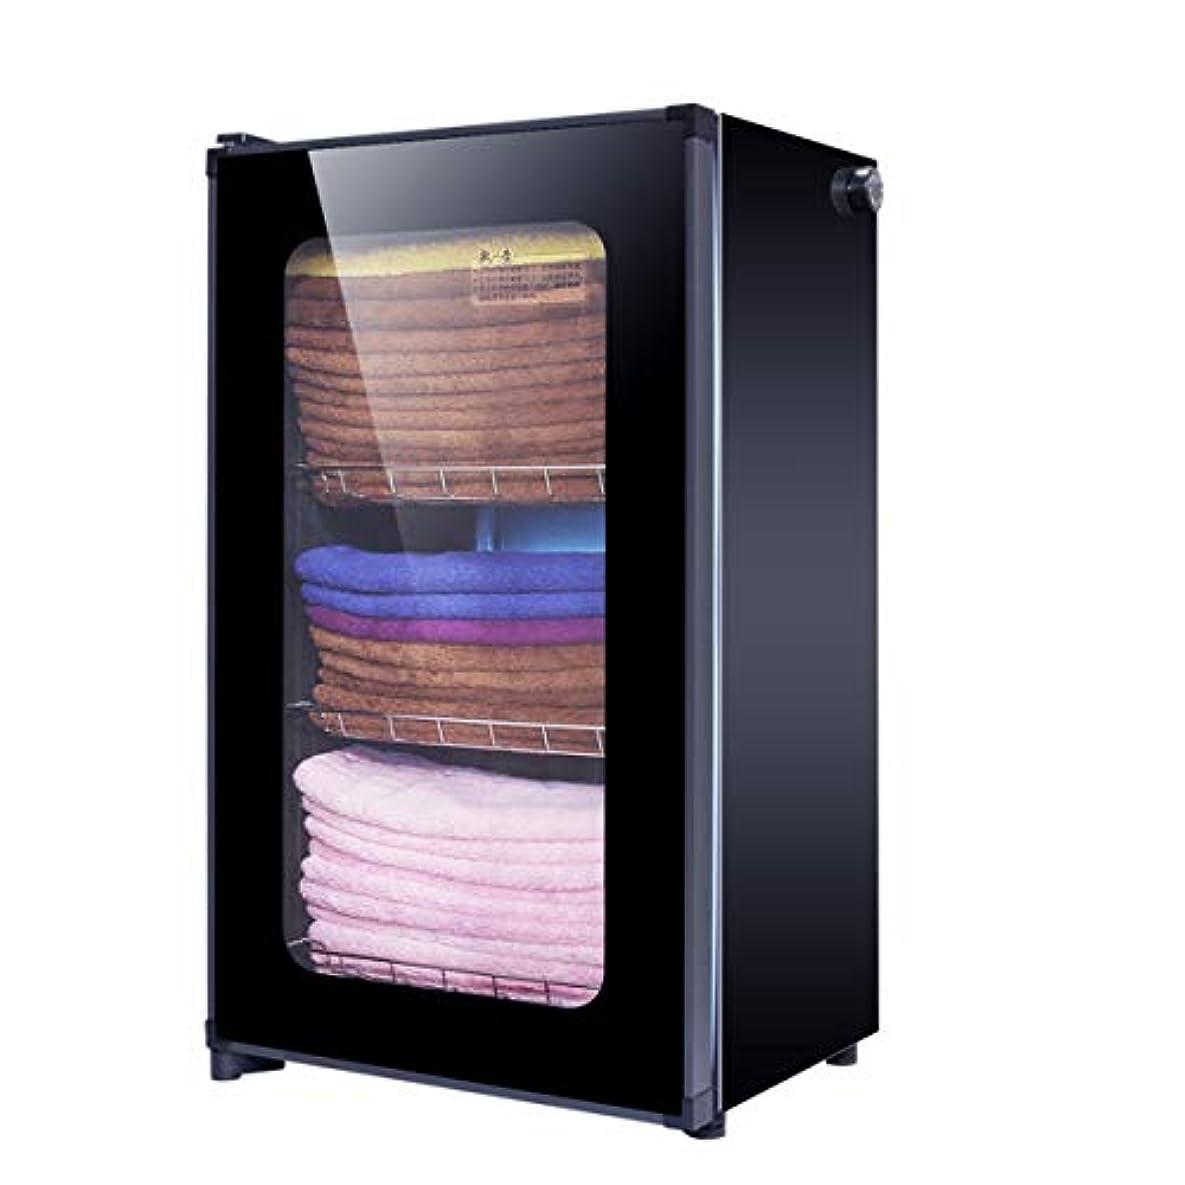 群れマント竜巻タオルヒーター/タオルウォーマー80L UV殺菌タオル殺菌ツールスパサロンマニキュア美容